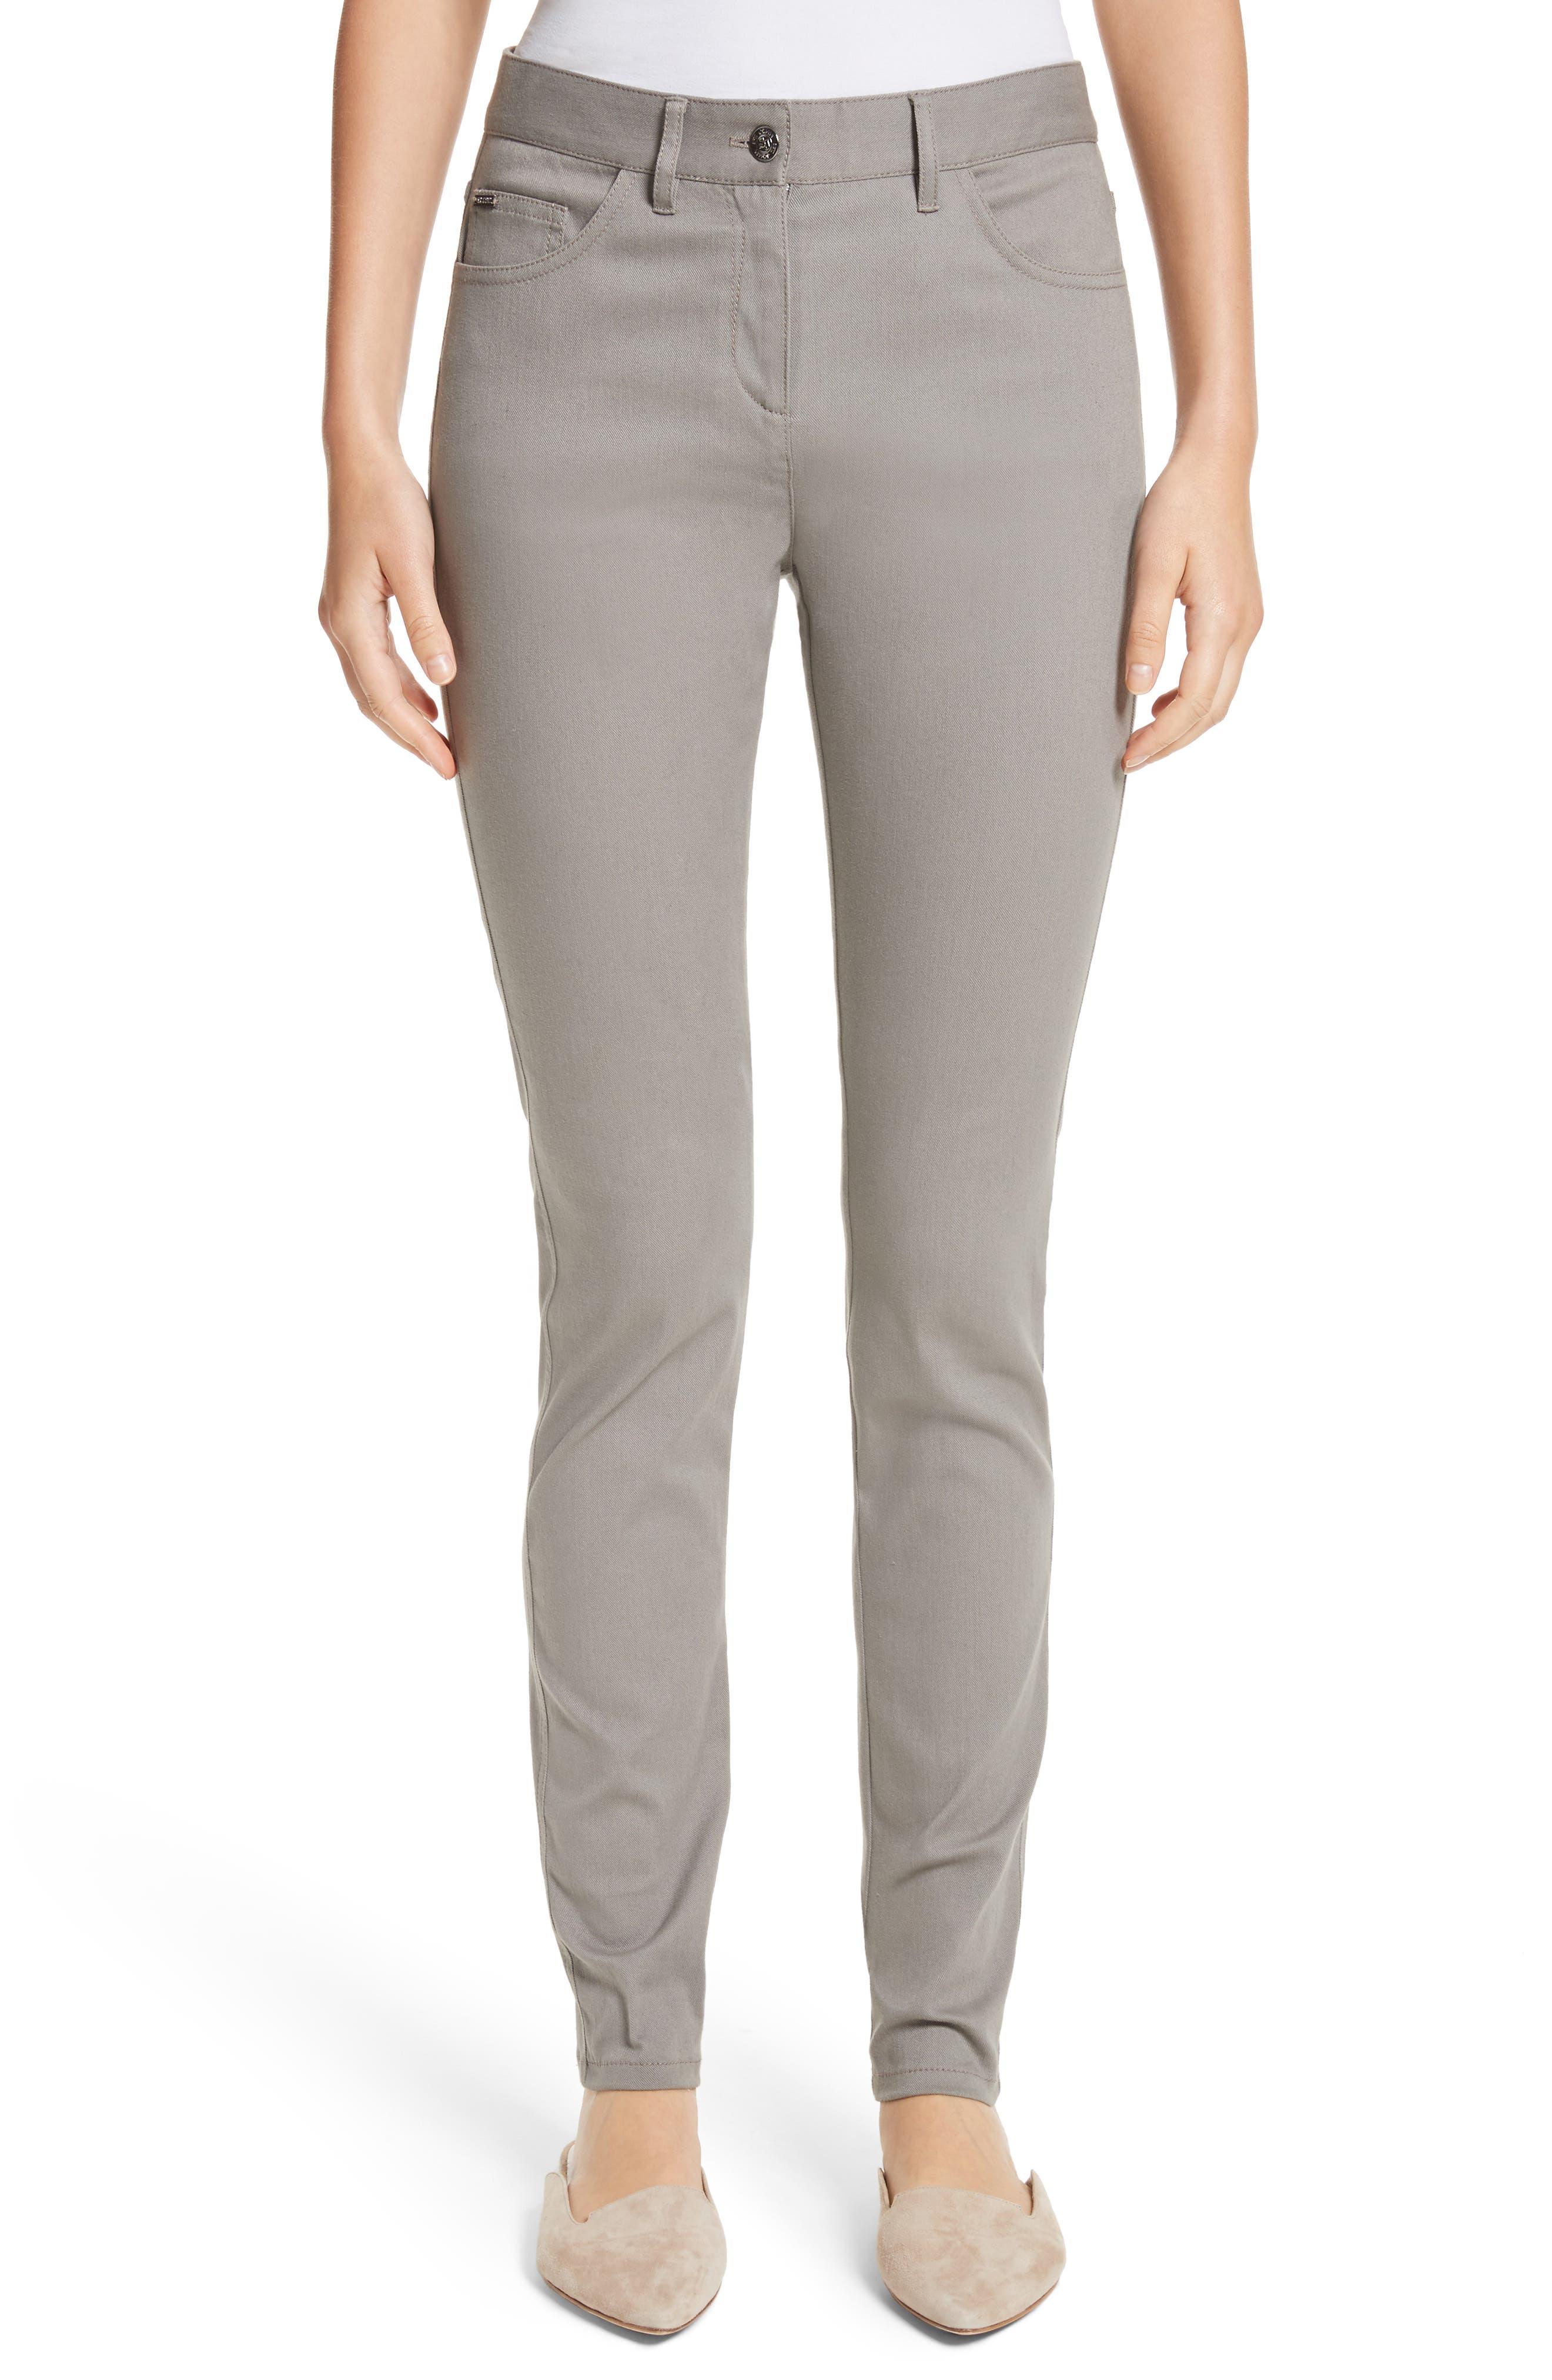 Bardot Double Dye Stretch Jeans,                             Main thumbnail 1, color,                             Travertine